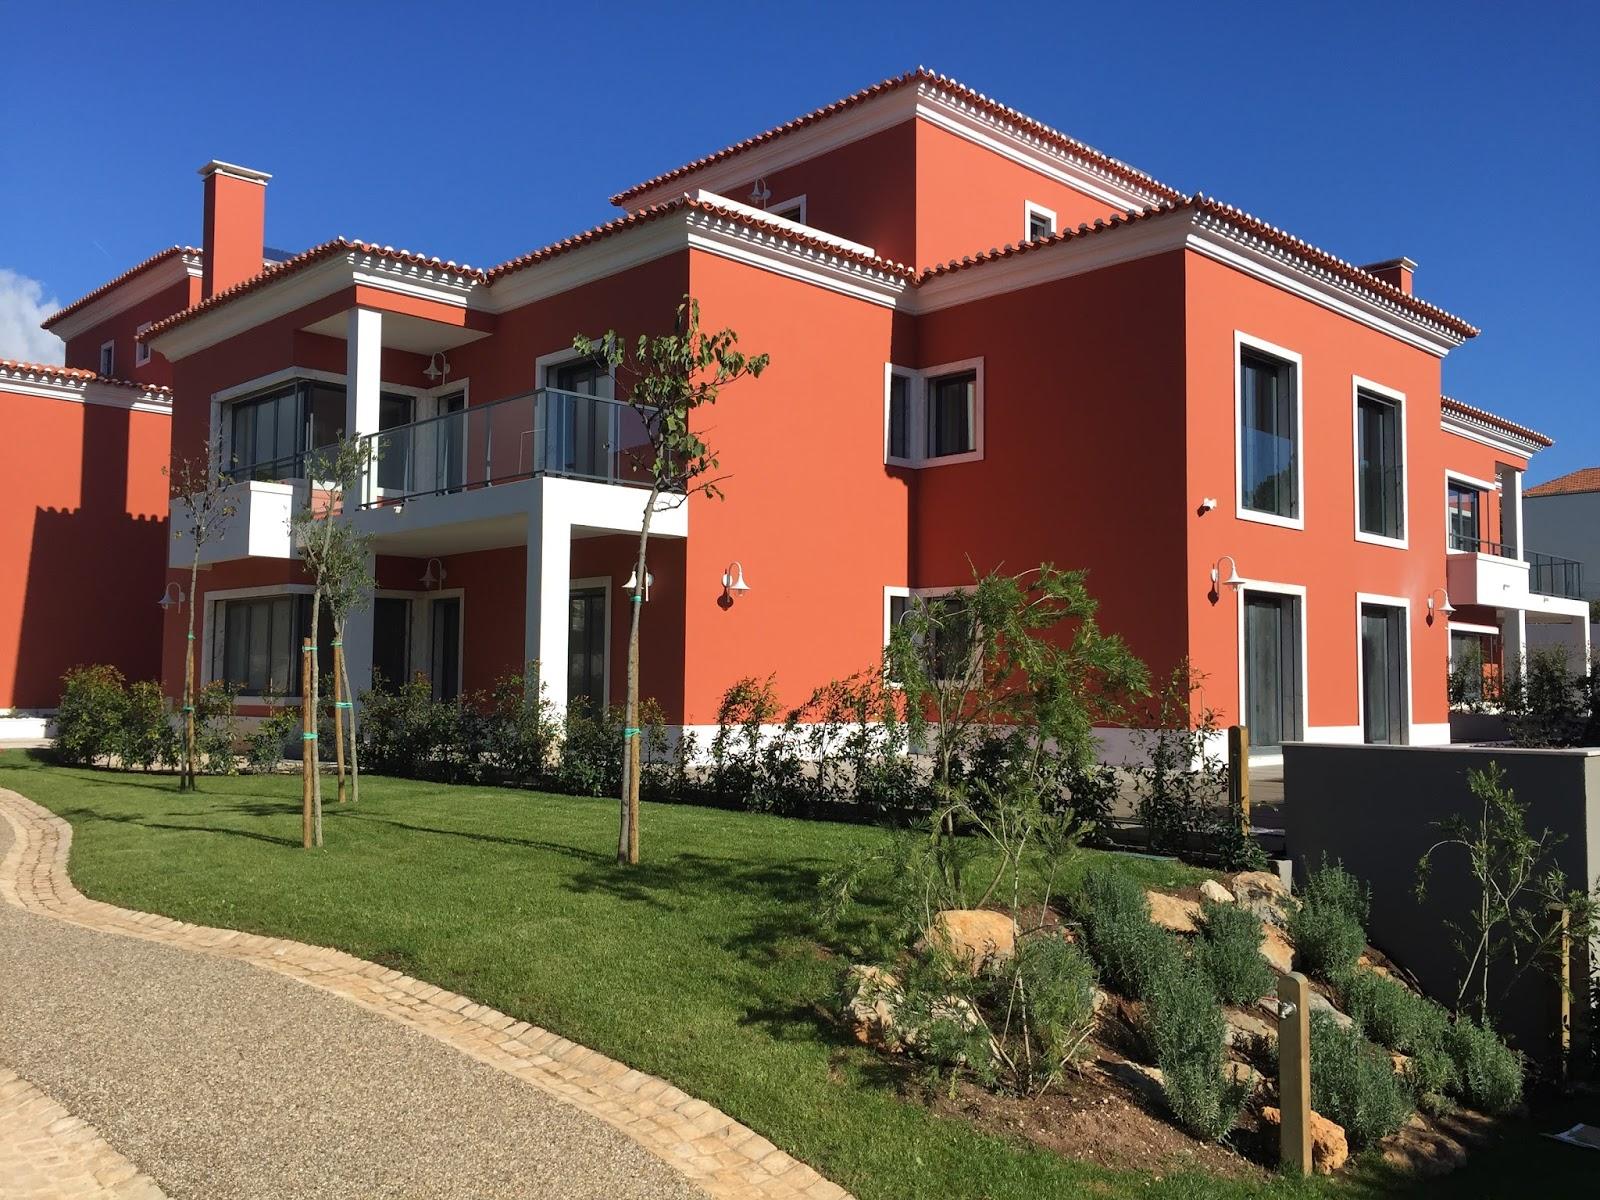 Brasileiros lideram na compra de casas em portugal - Compra de casa ...